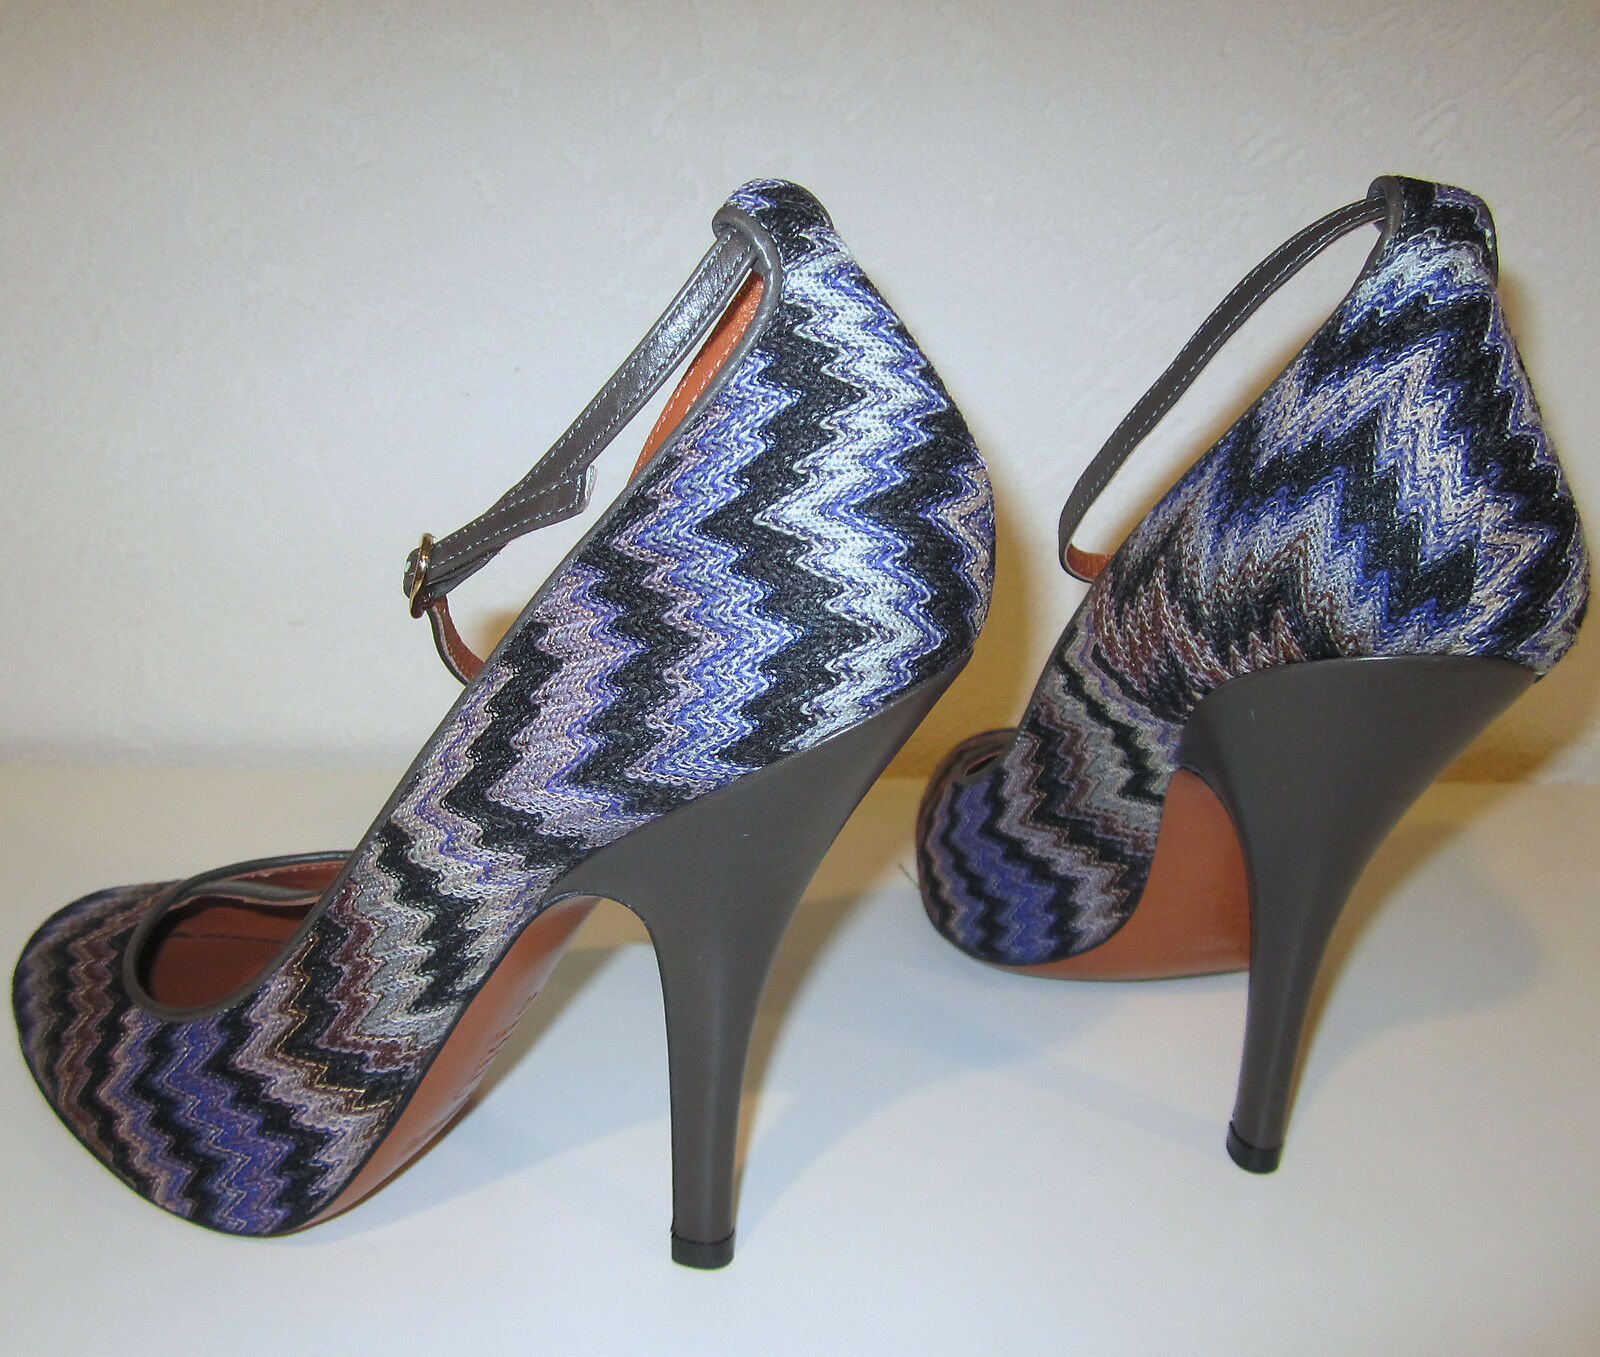 Missoni Rashel Serpiente T-Strap Tacones Tacones Tacones Talla 40 9 Nuevos Zapatos De Crochet Zigzag púrpuraa  725 5669c1